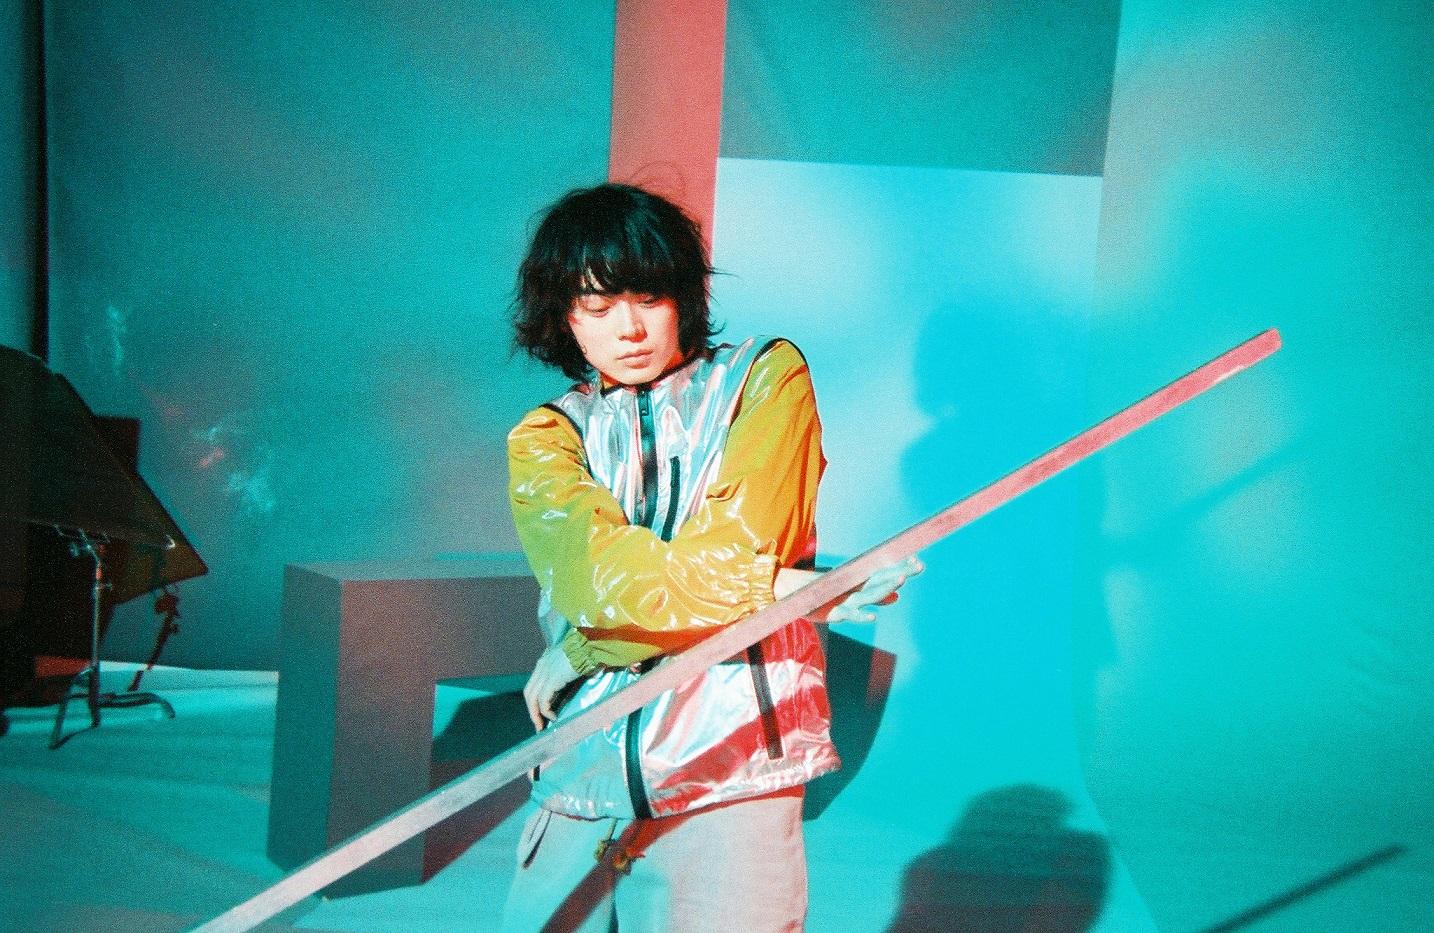 菅田将暉、日本アカデミー賞での藤原竜也との舞台裏エピソード明かす「こんな弄られるとは…」サムネイル画像